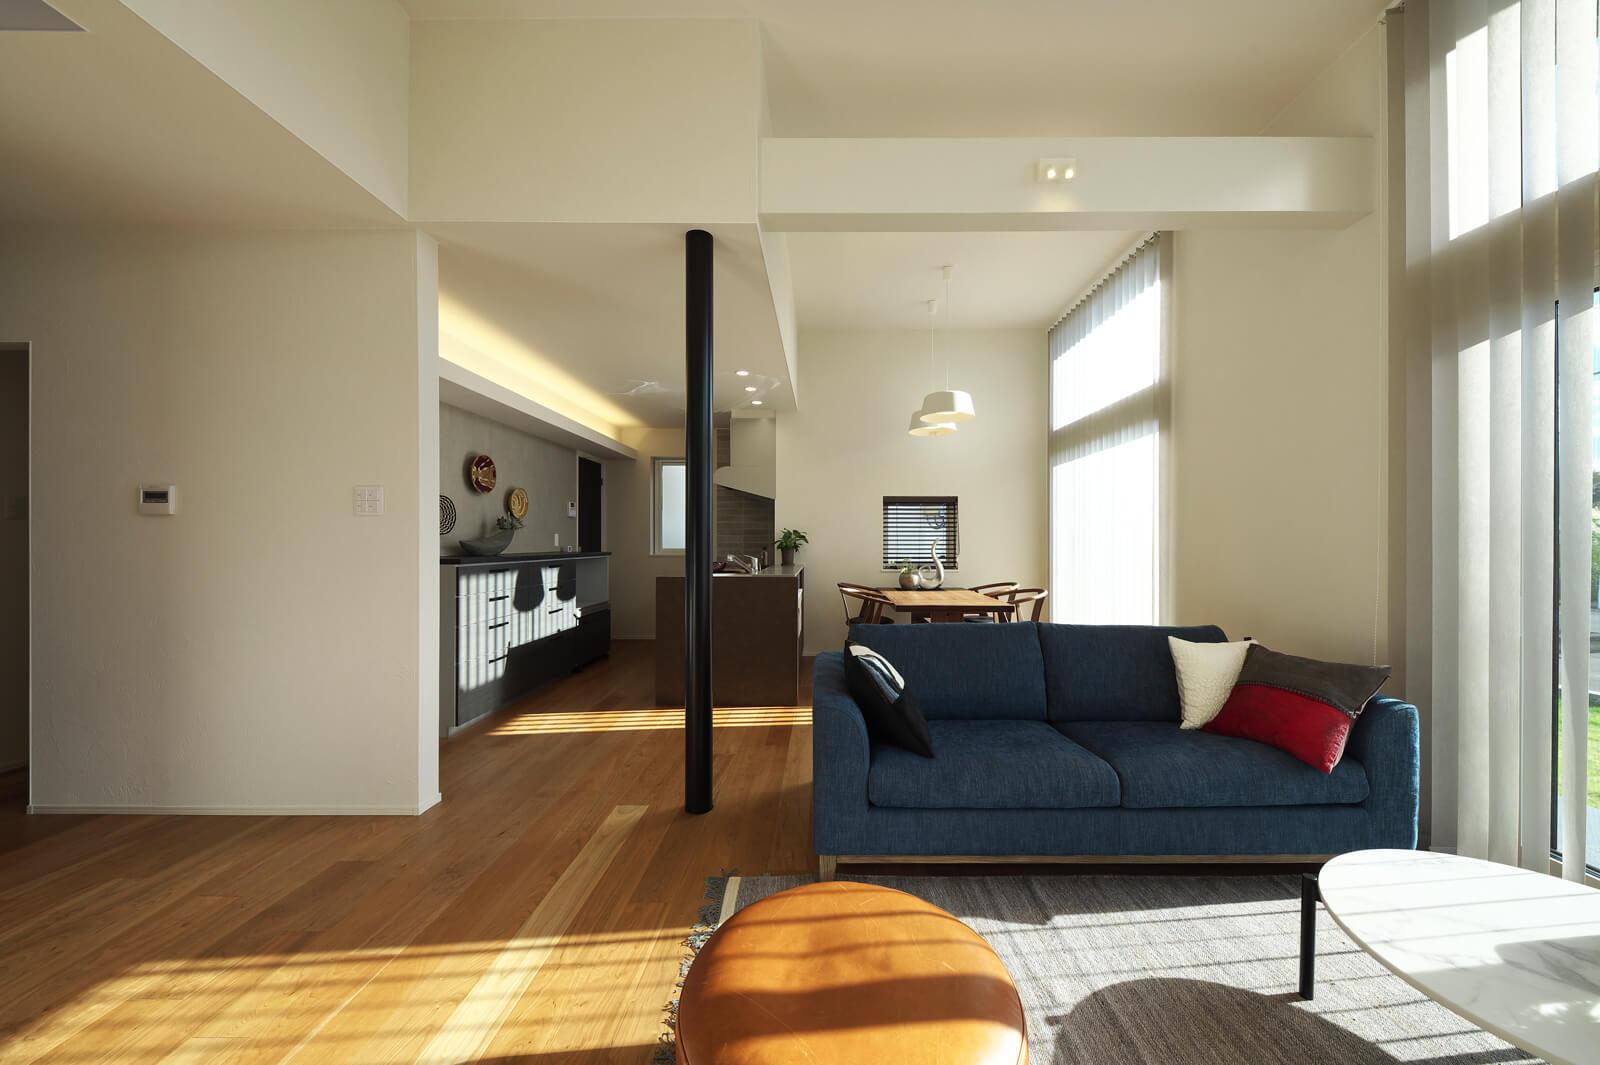 実寸よりも広さを感じさせるLDK。ブルーのソファをはじめ、室内を彩る繊細で美しいインテリアも、生活に潤いを与えてくれる